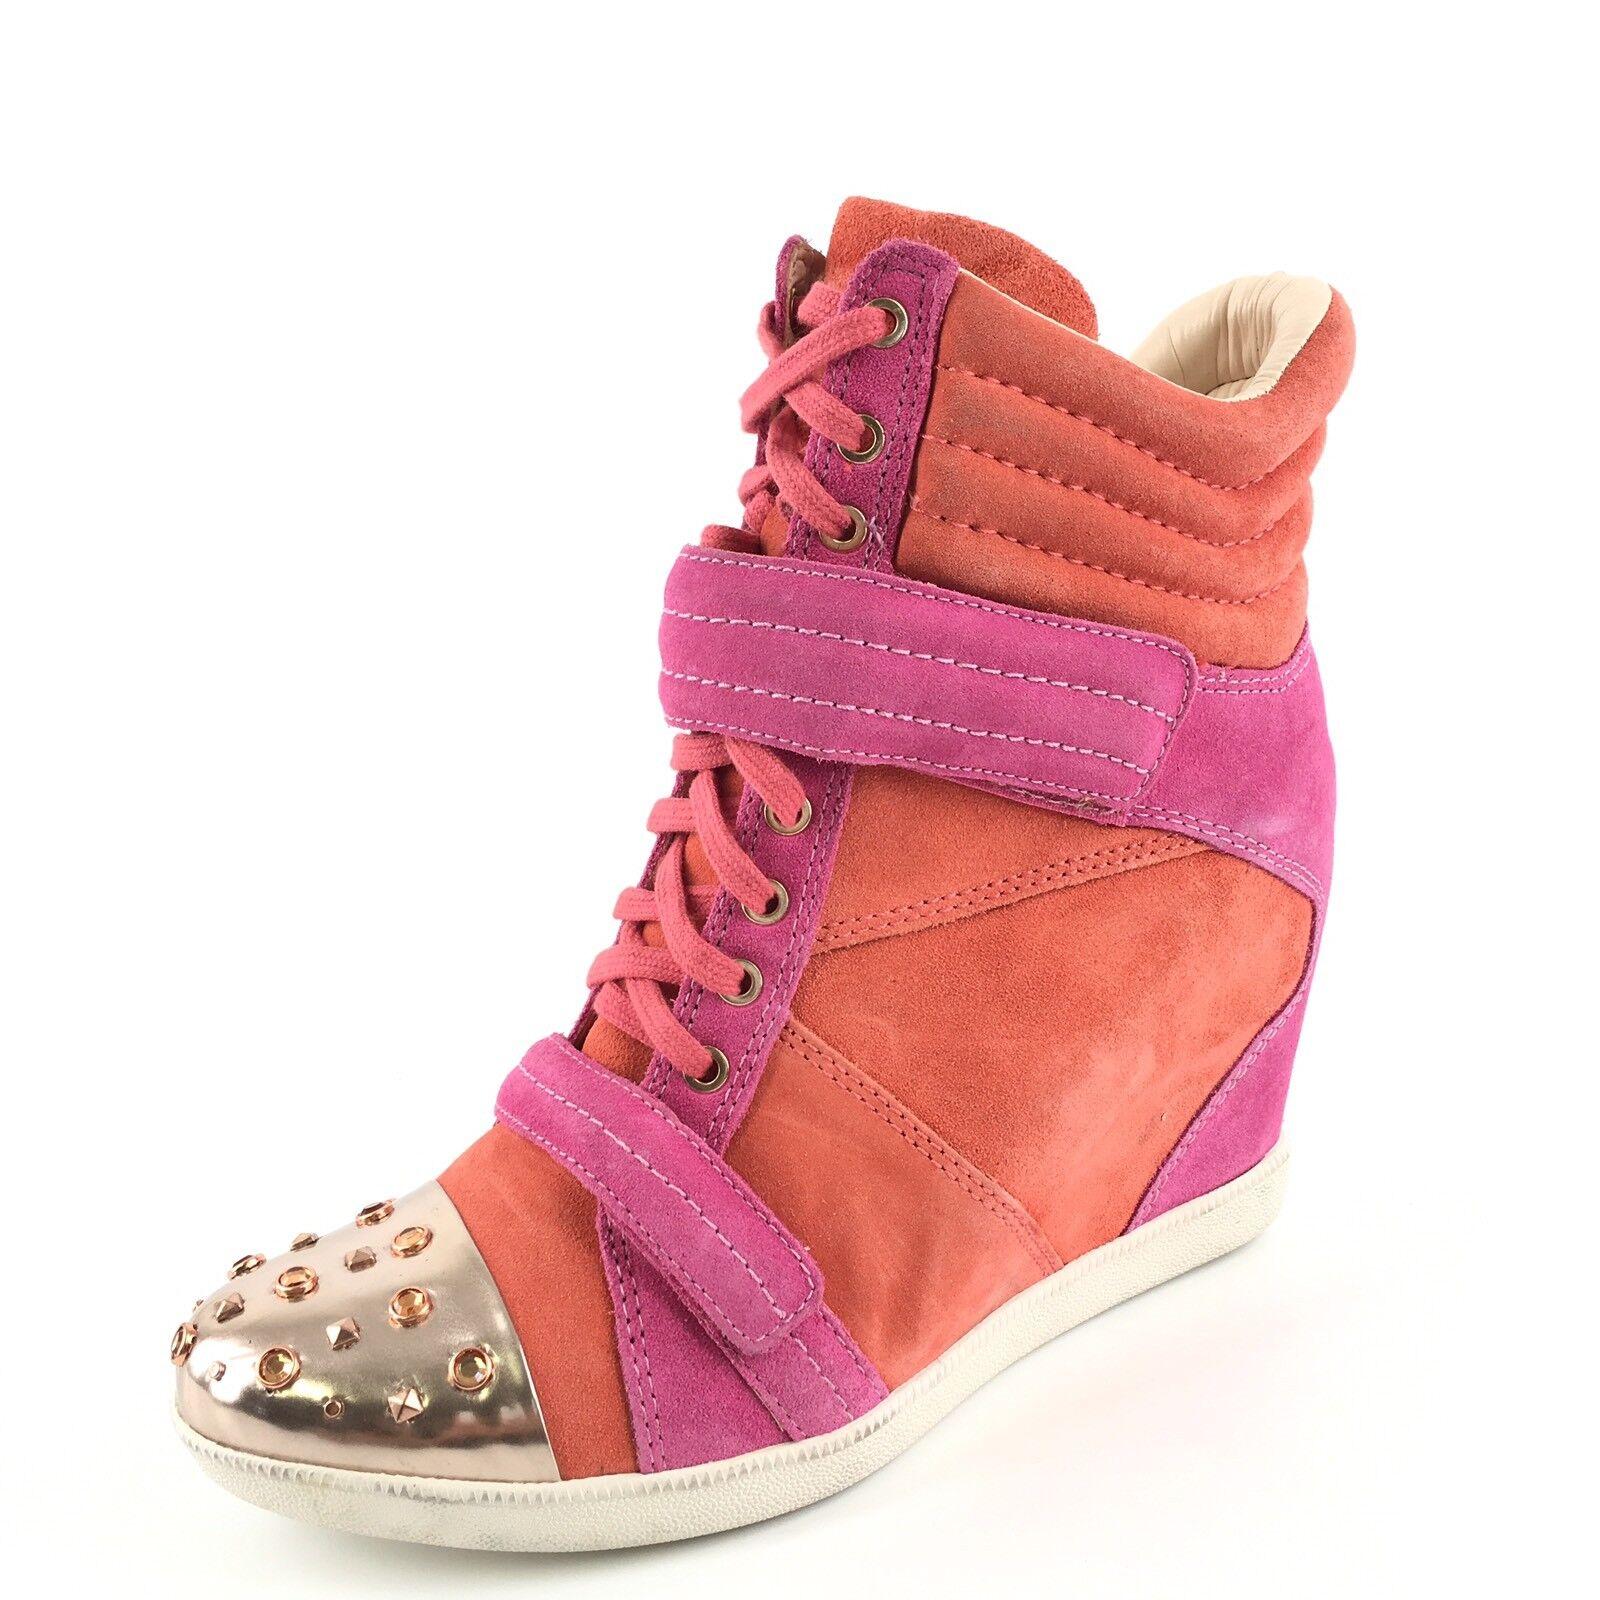 Boutique 9 Nevan Pink Orange Suede Hi-Top Wedge Ankle Stiefel Damenschuhe Größe 10 M